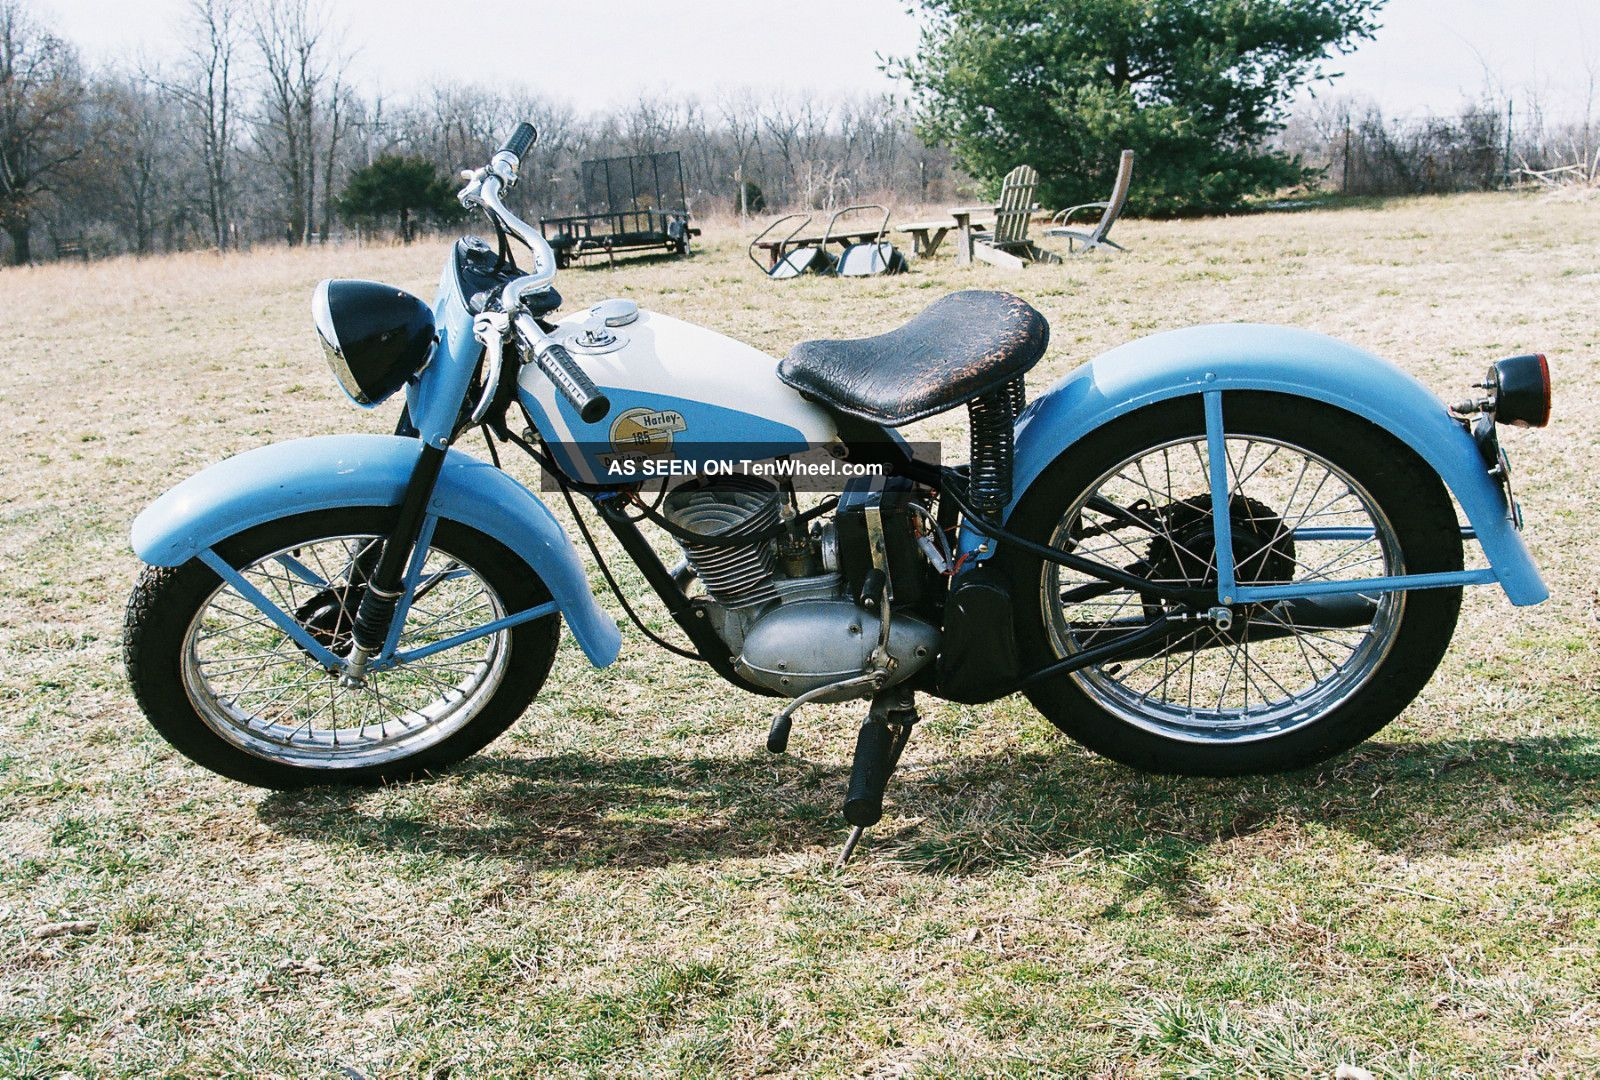 1958 Harley Davidson Model 165 Hummer Other photo